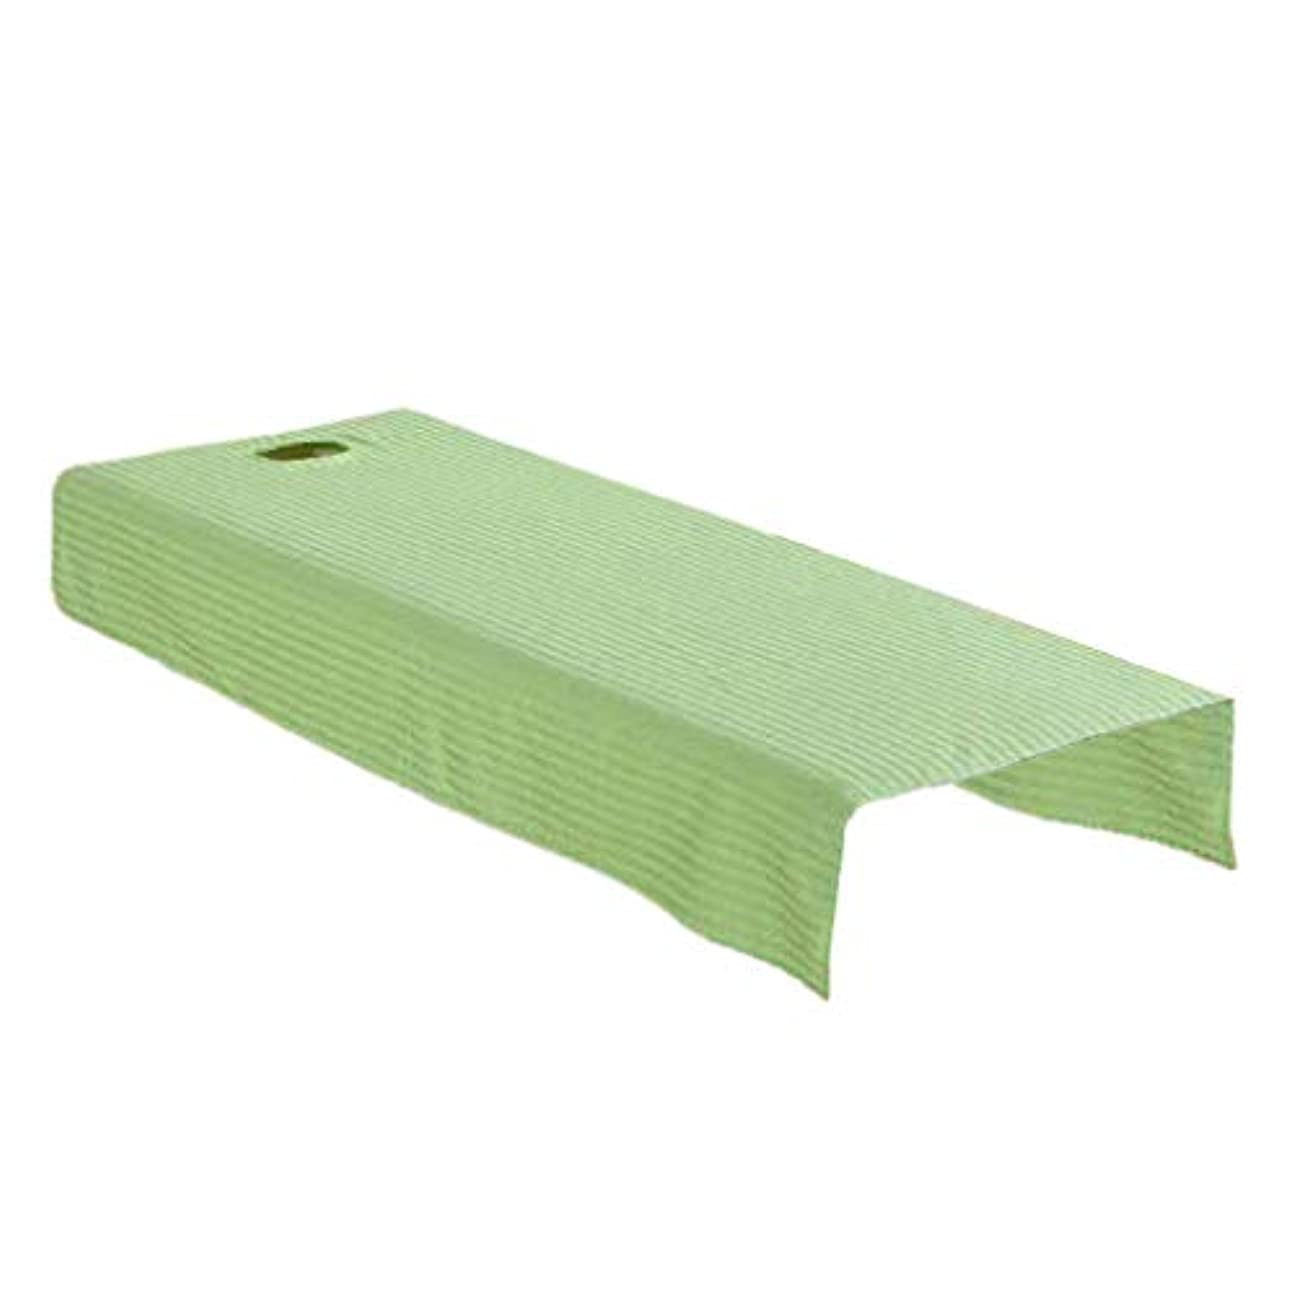 昼寝ローマ人モーテルマッサージテーブル カバー 有孔 ビューティーシート ソフト ノンスティック 快適 全2サイズ - 80x190cm